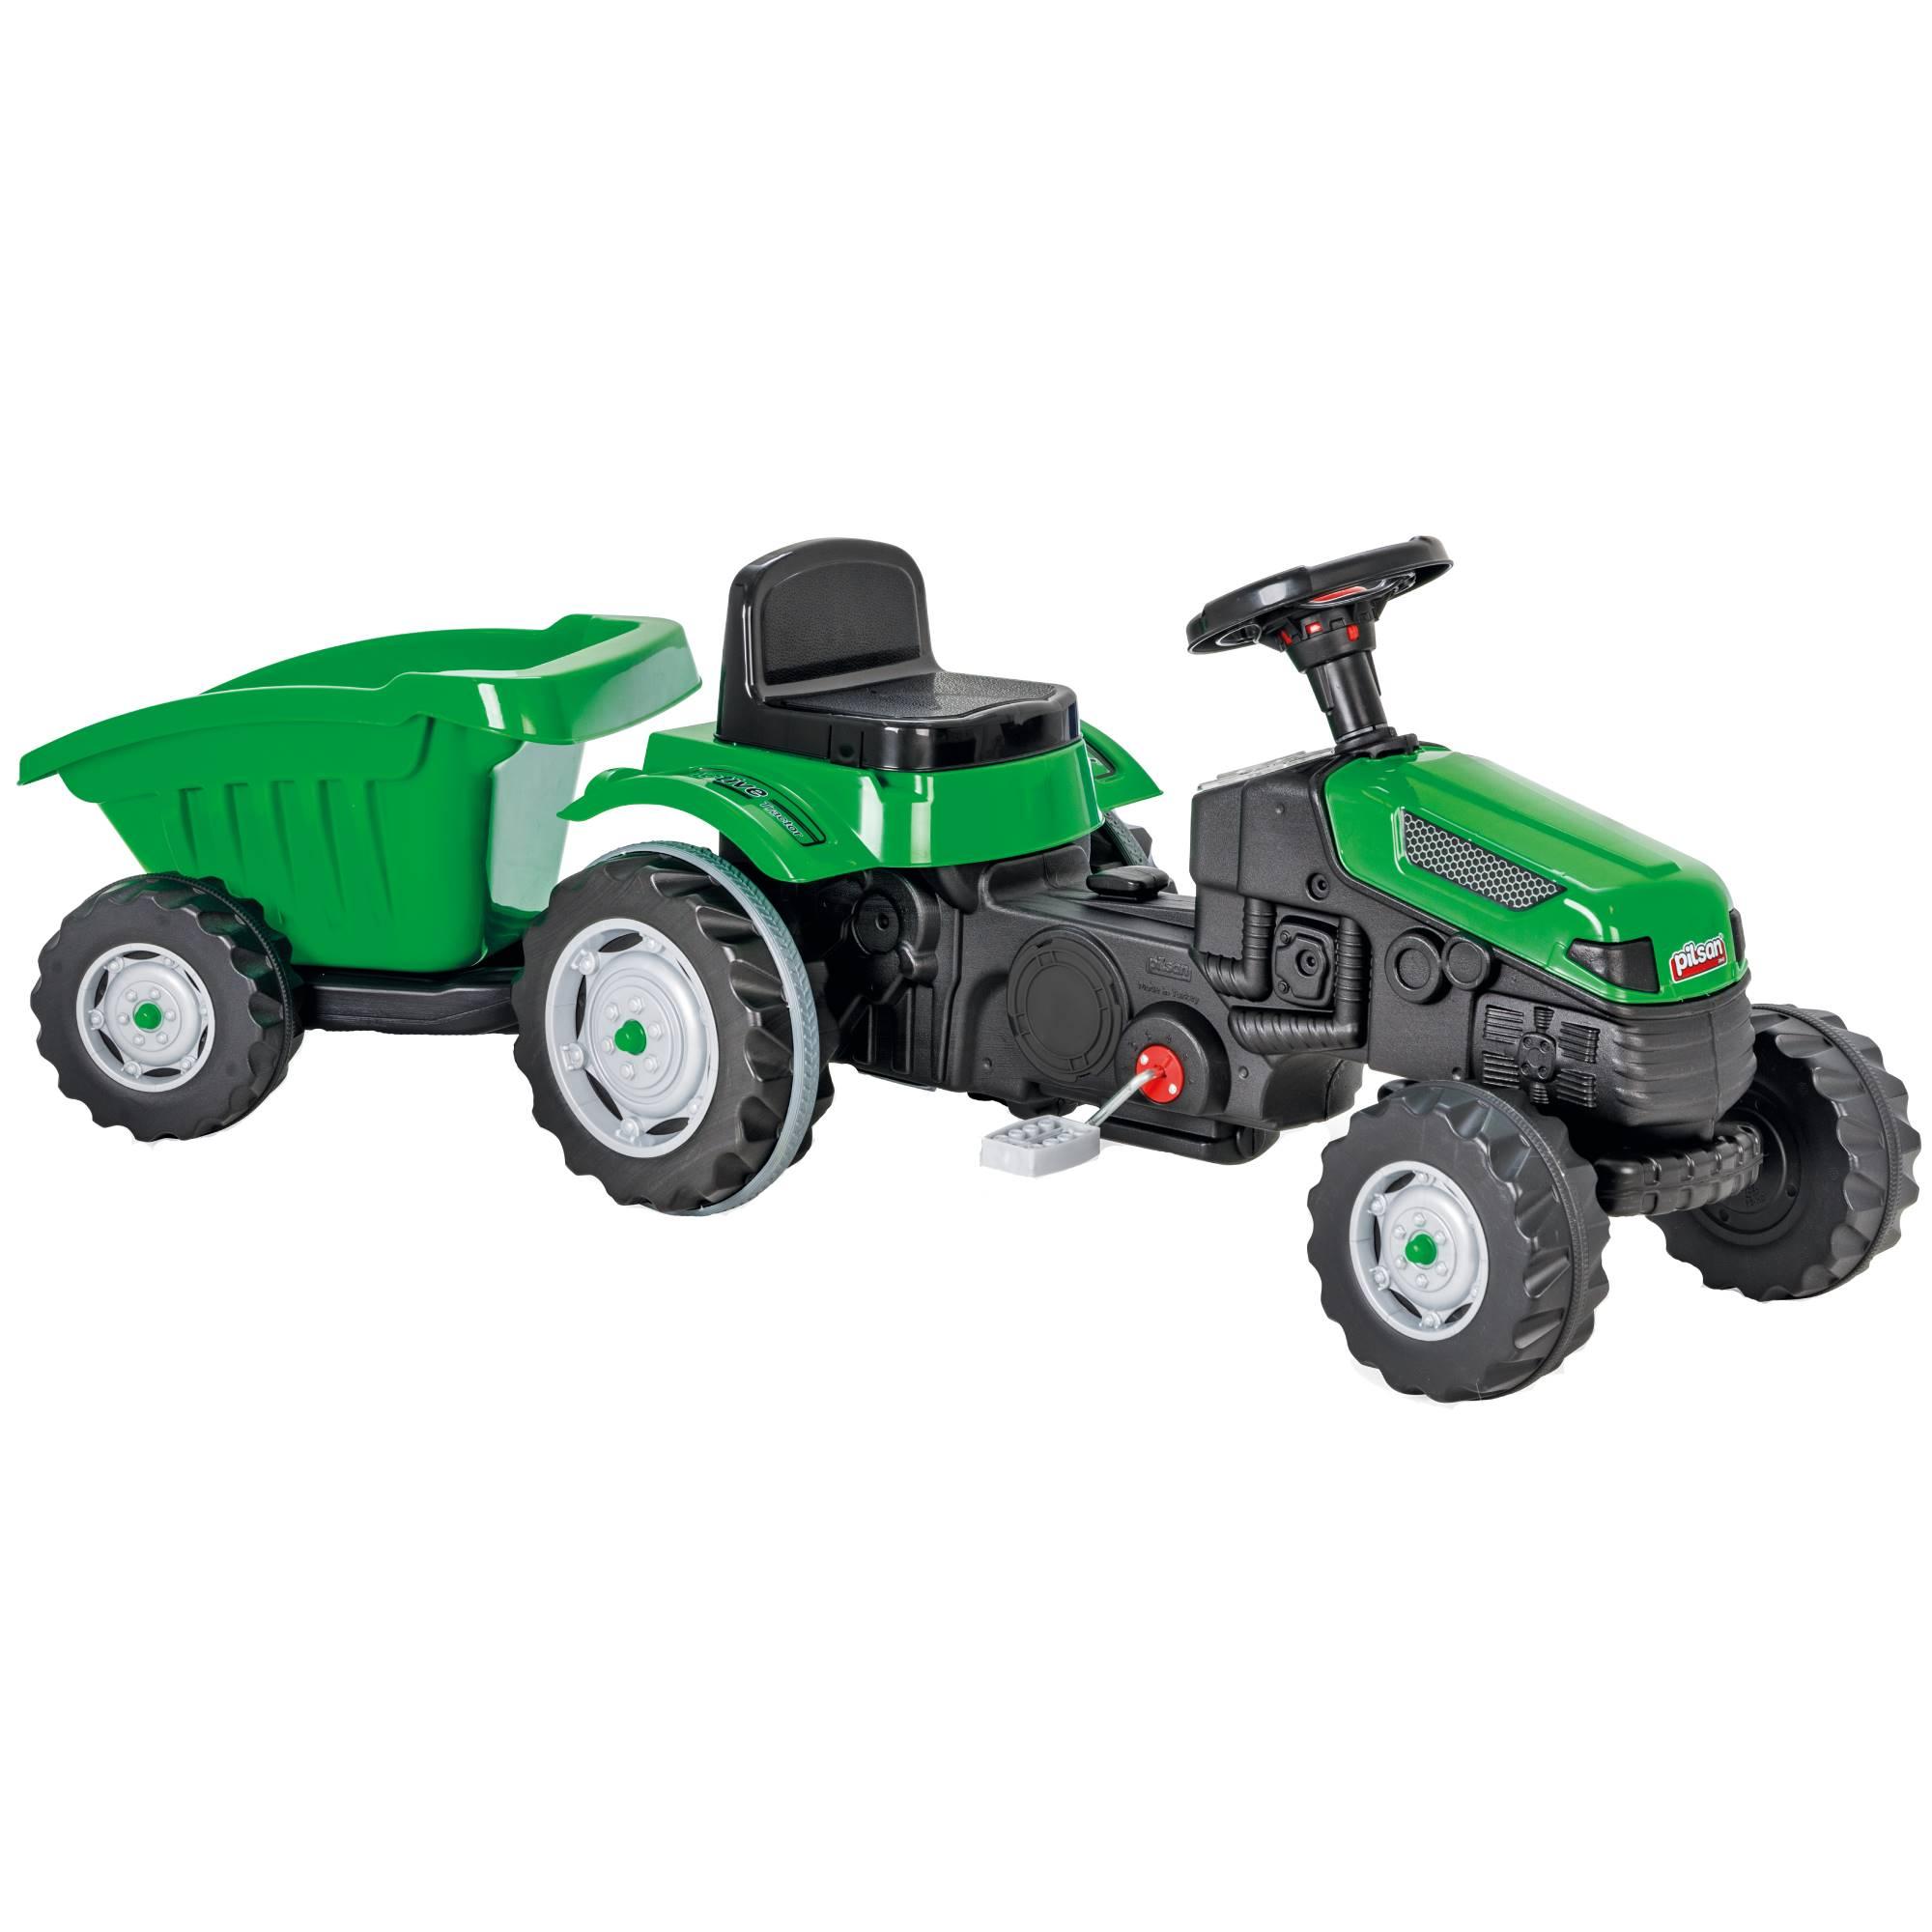 Fotografie Tractor cu pedale si remorca pentru copii Pilsan, verde